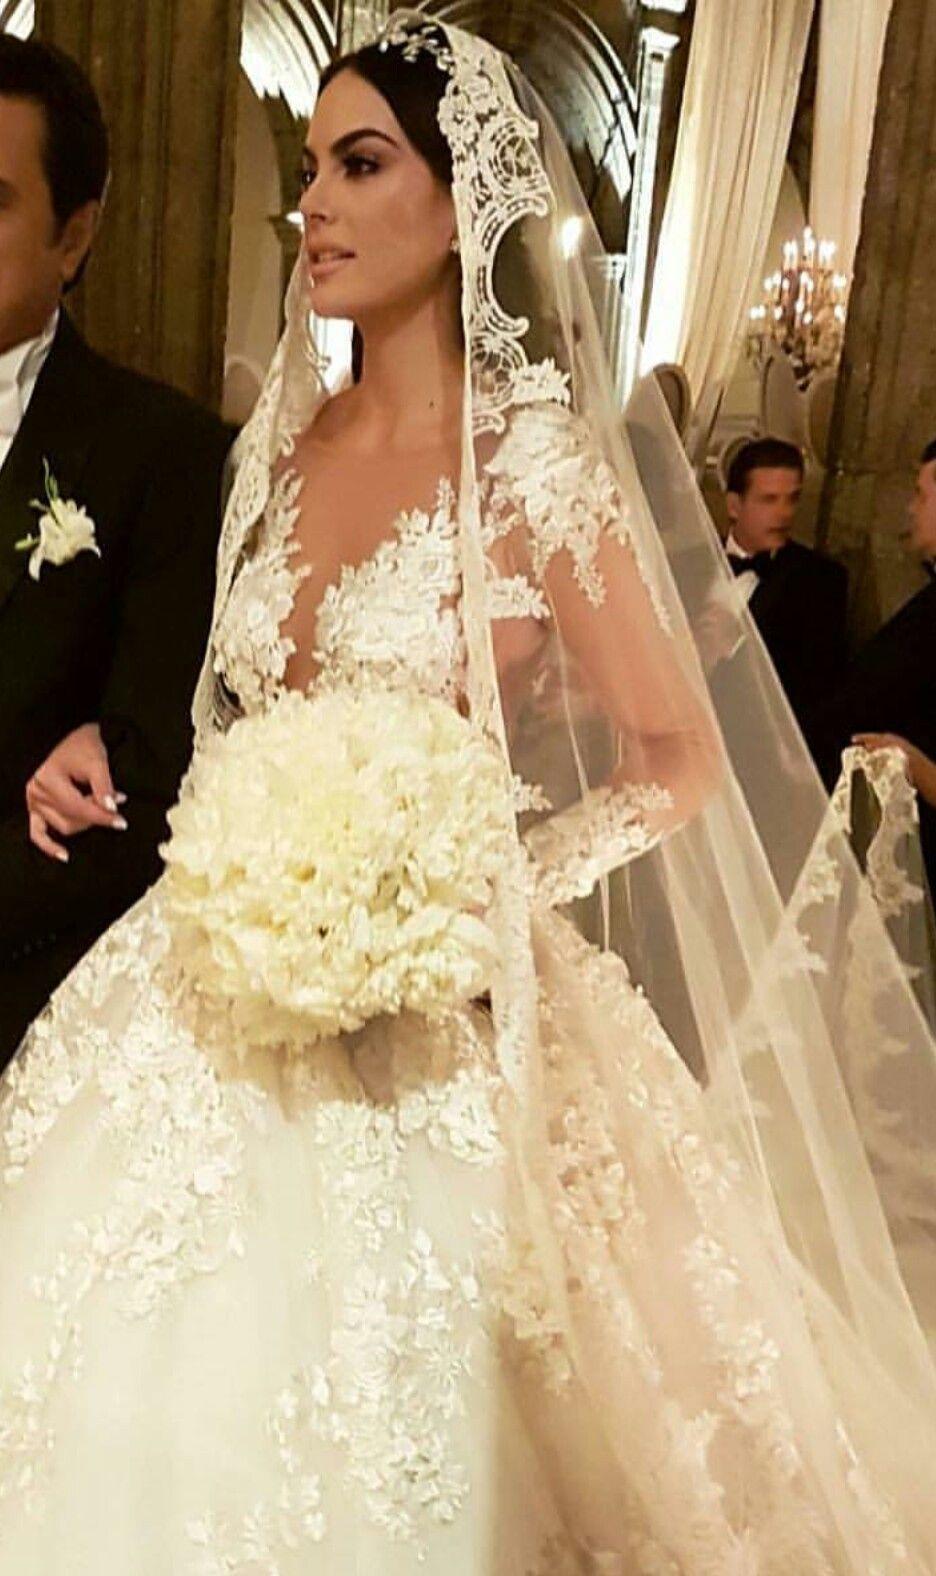 Matrimonio Ximena Navarrete : Vestido de boda de ximena navarrete u vestido azul